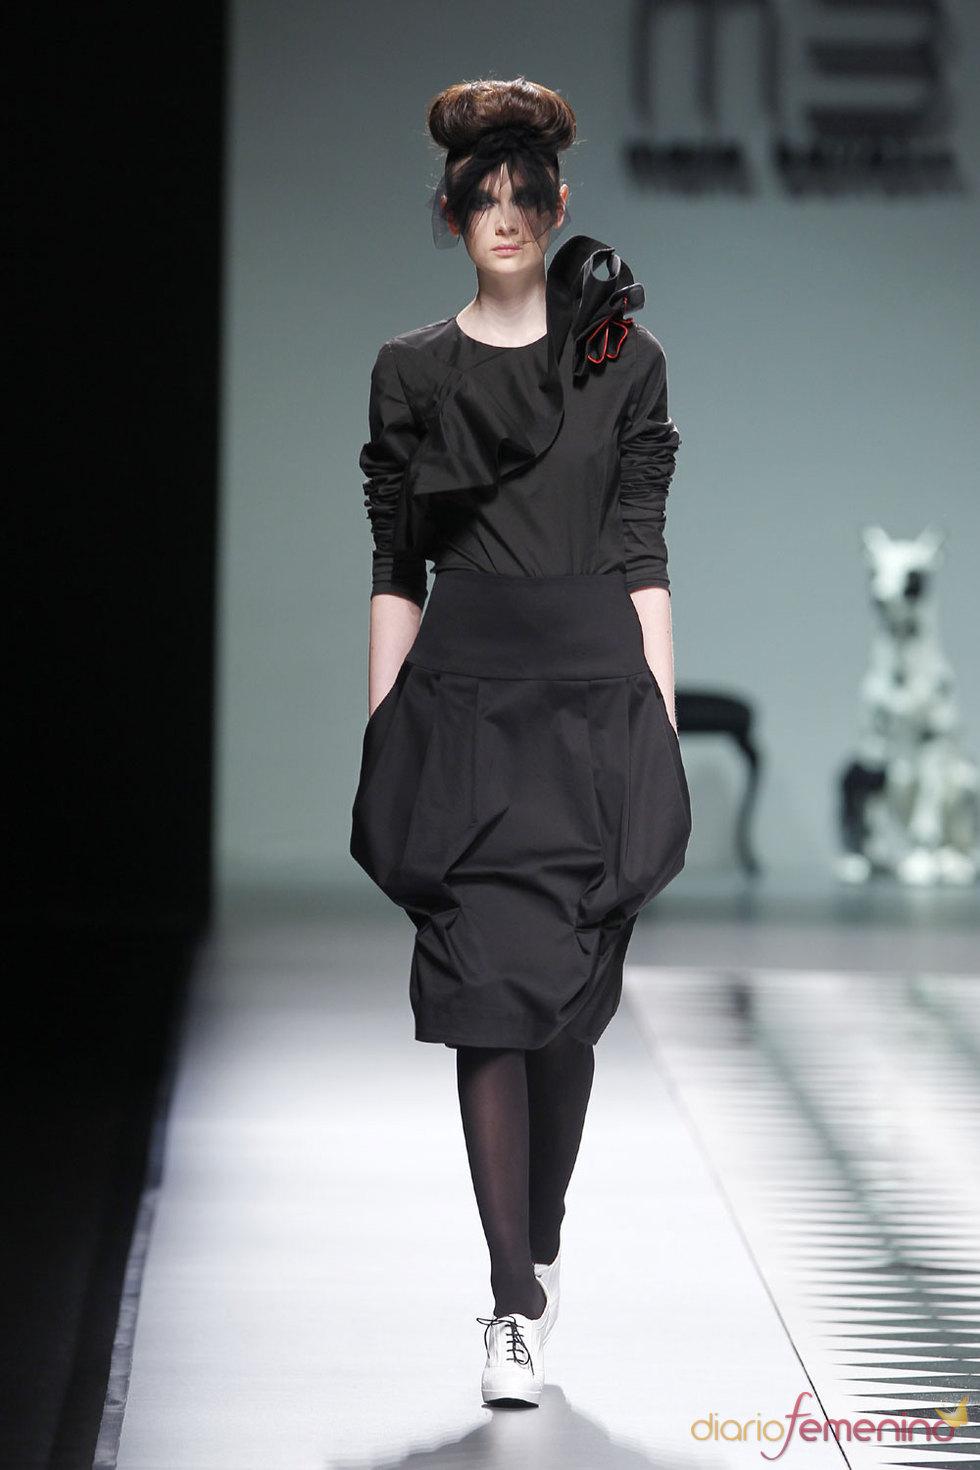 Moda Mujer María Barros - Cibeles Fashion Week 2010